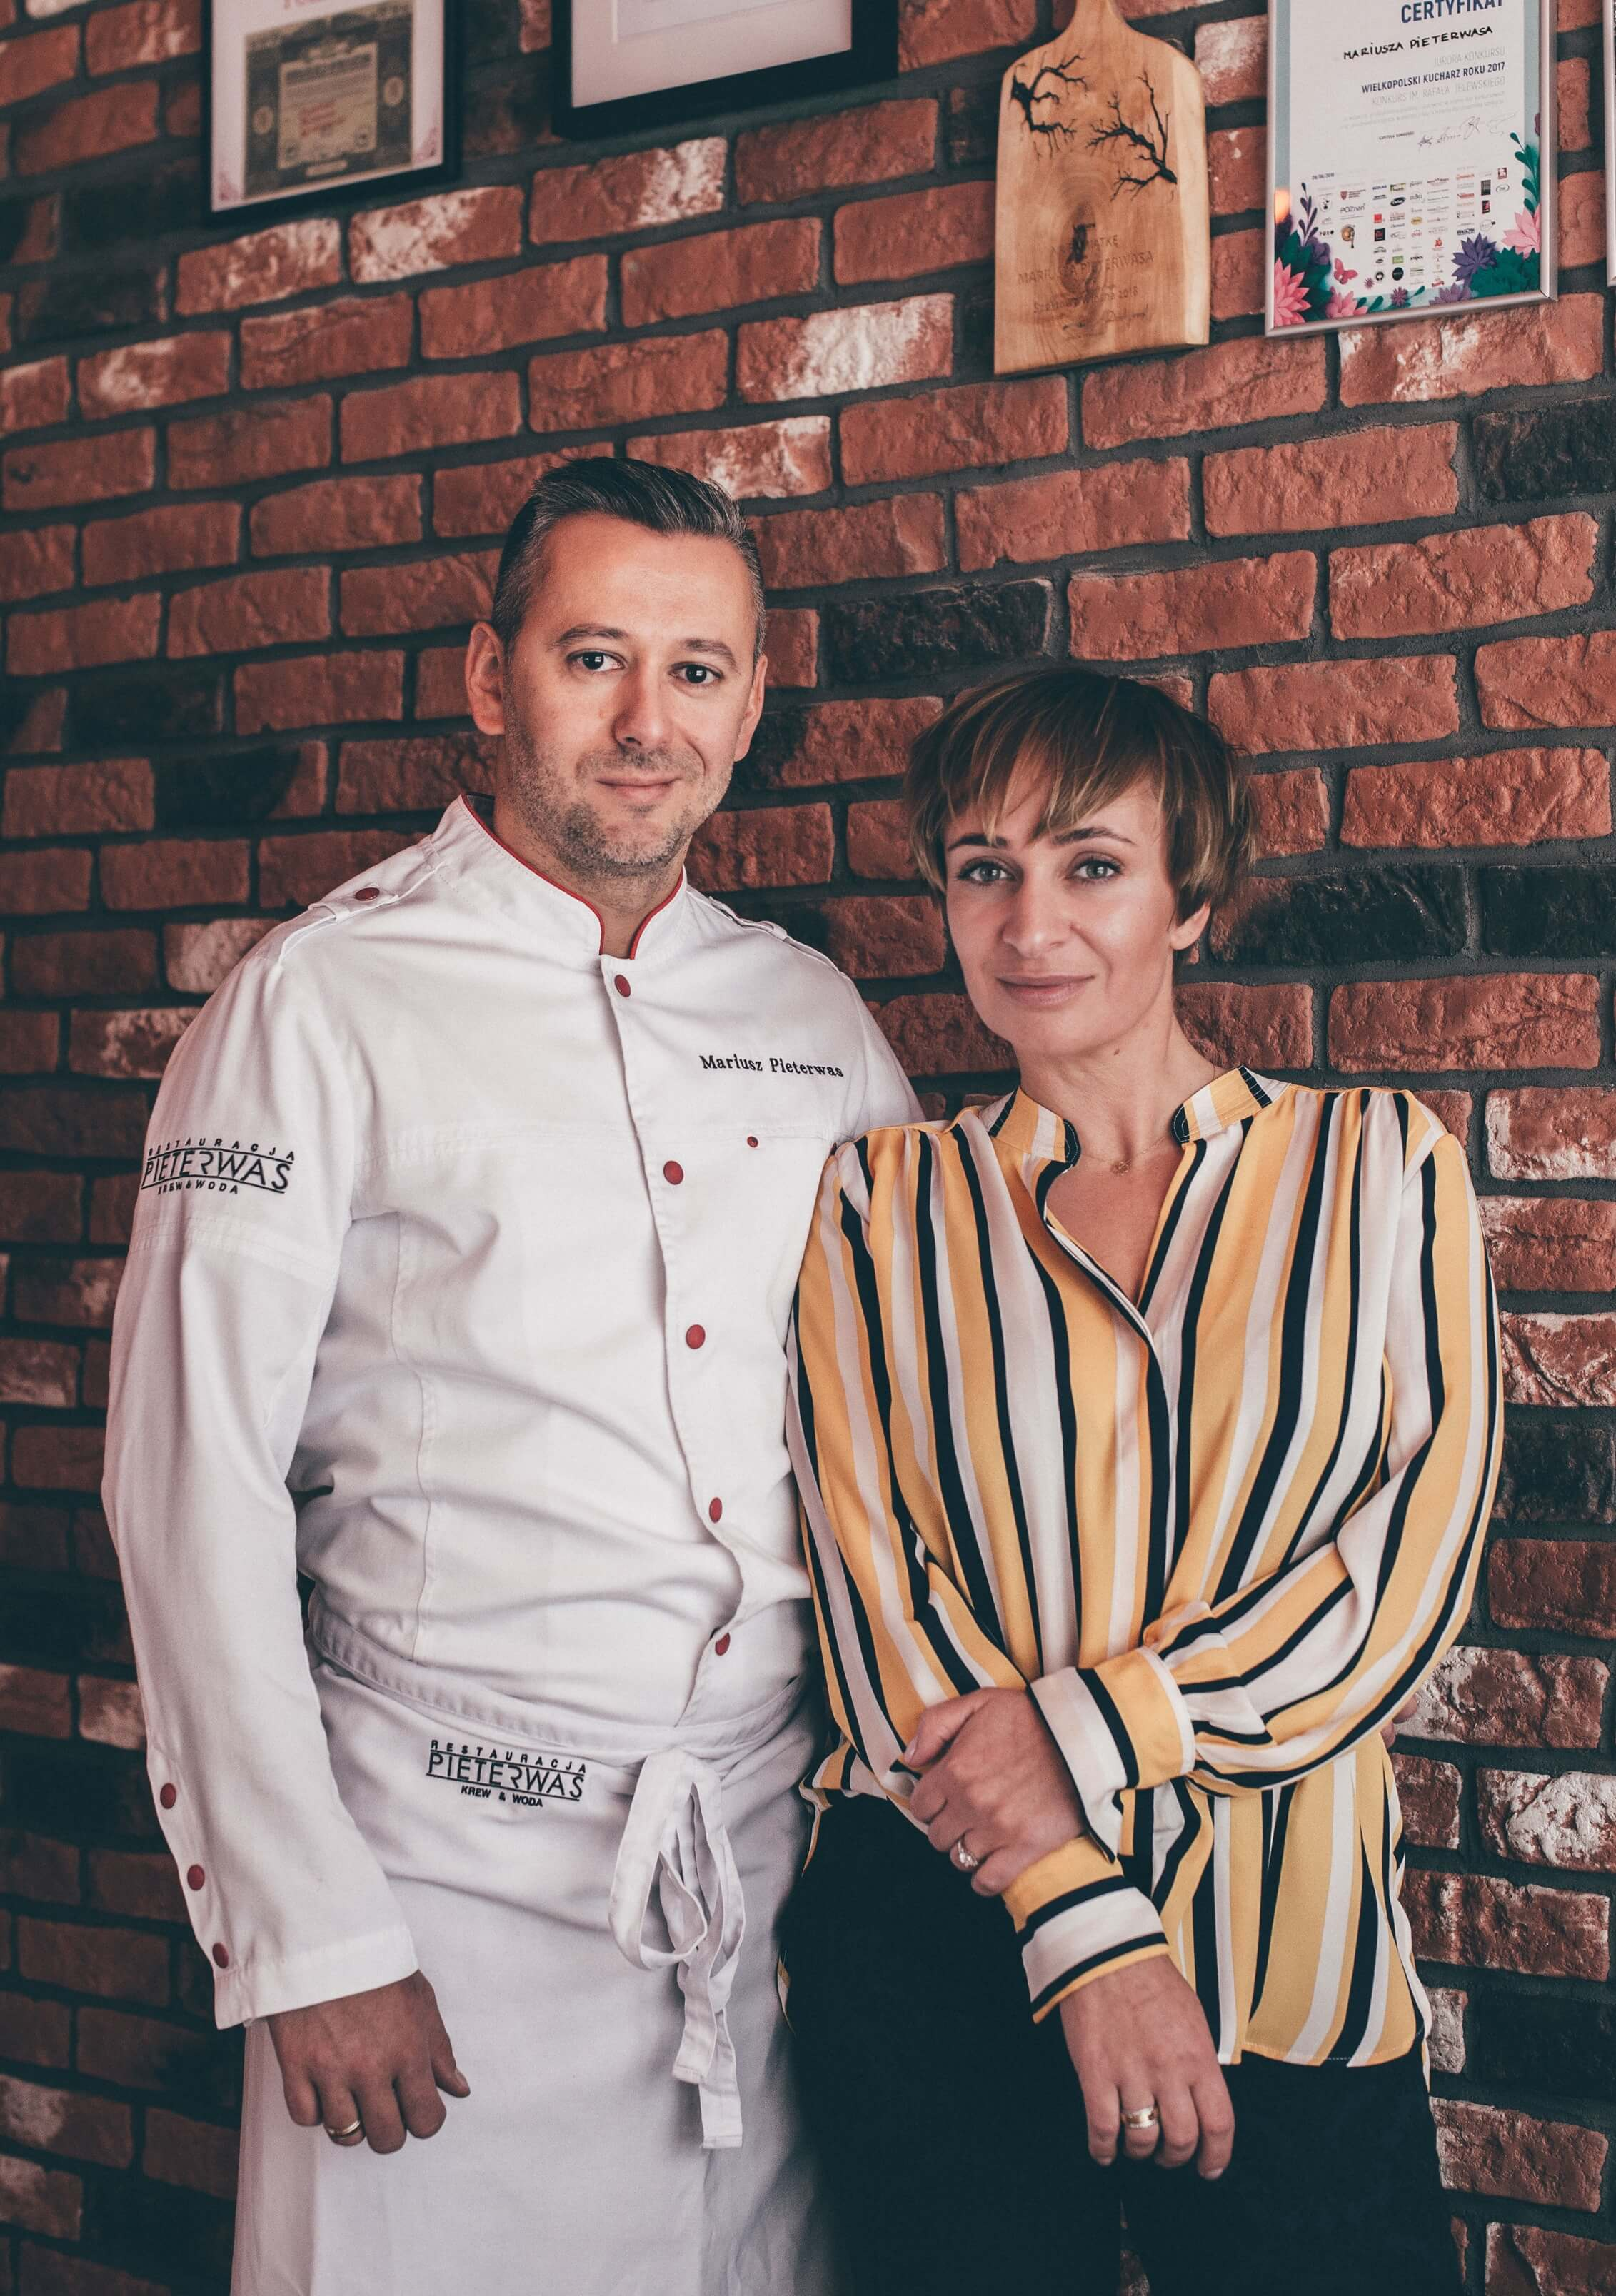 krew i woda 1 13 - Restauracja z charakterem: Pieterwas Krew i Woda